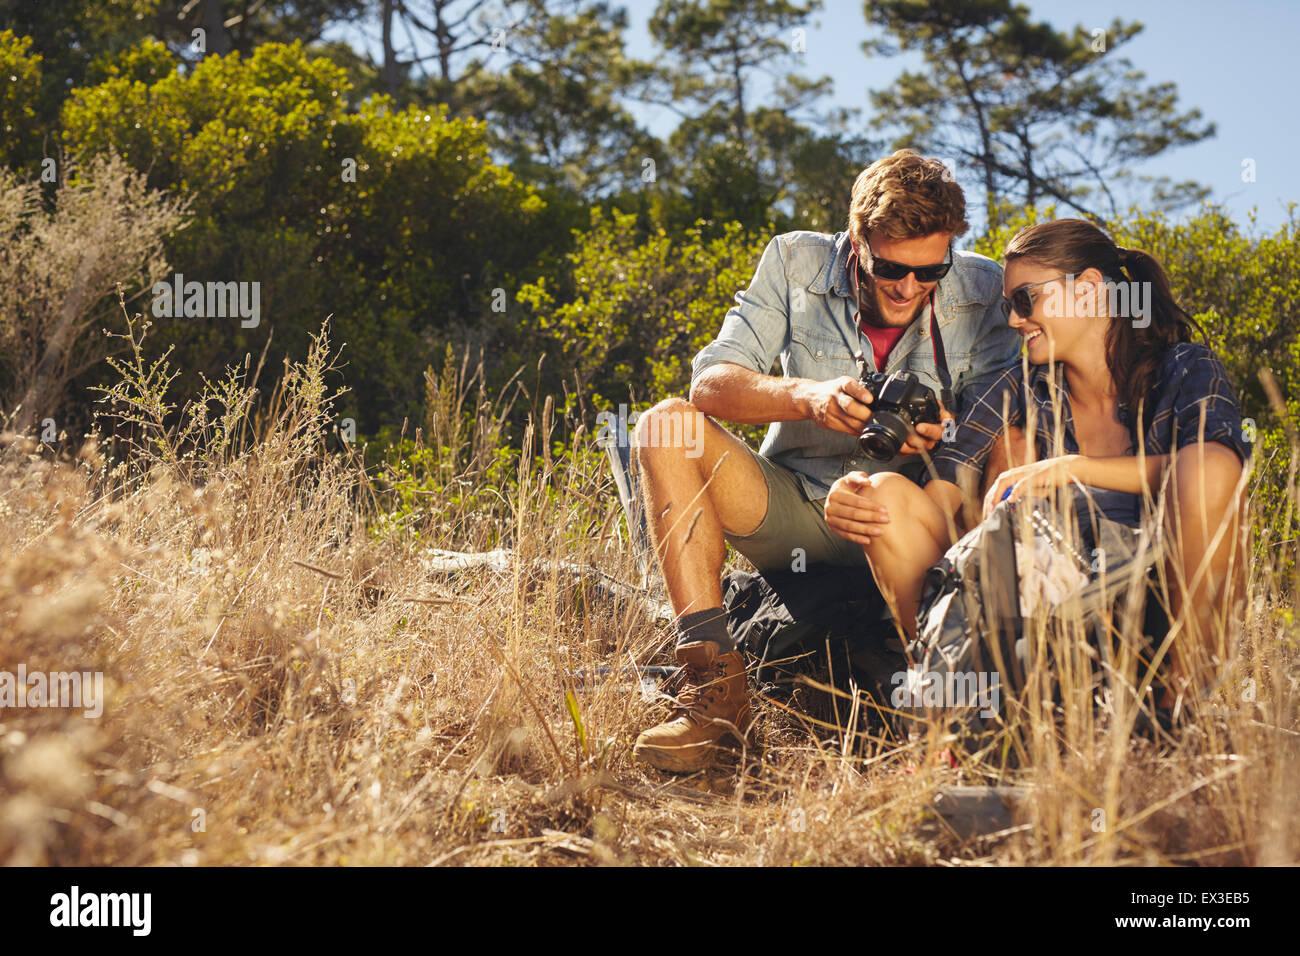 Young couple outdoors regarder des photos sur l'appareil-photo. Portrait homme et femme sur la randonnée Photo Stock